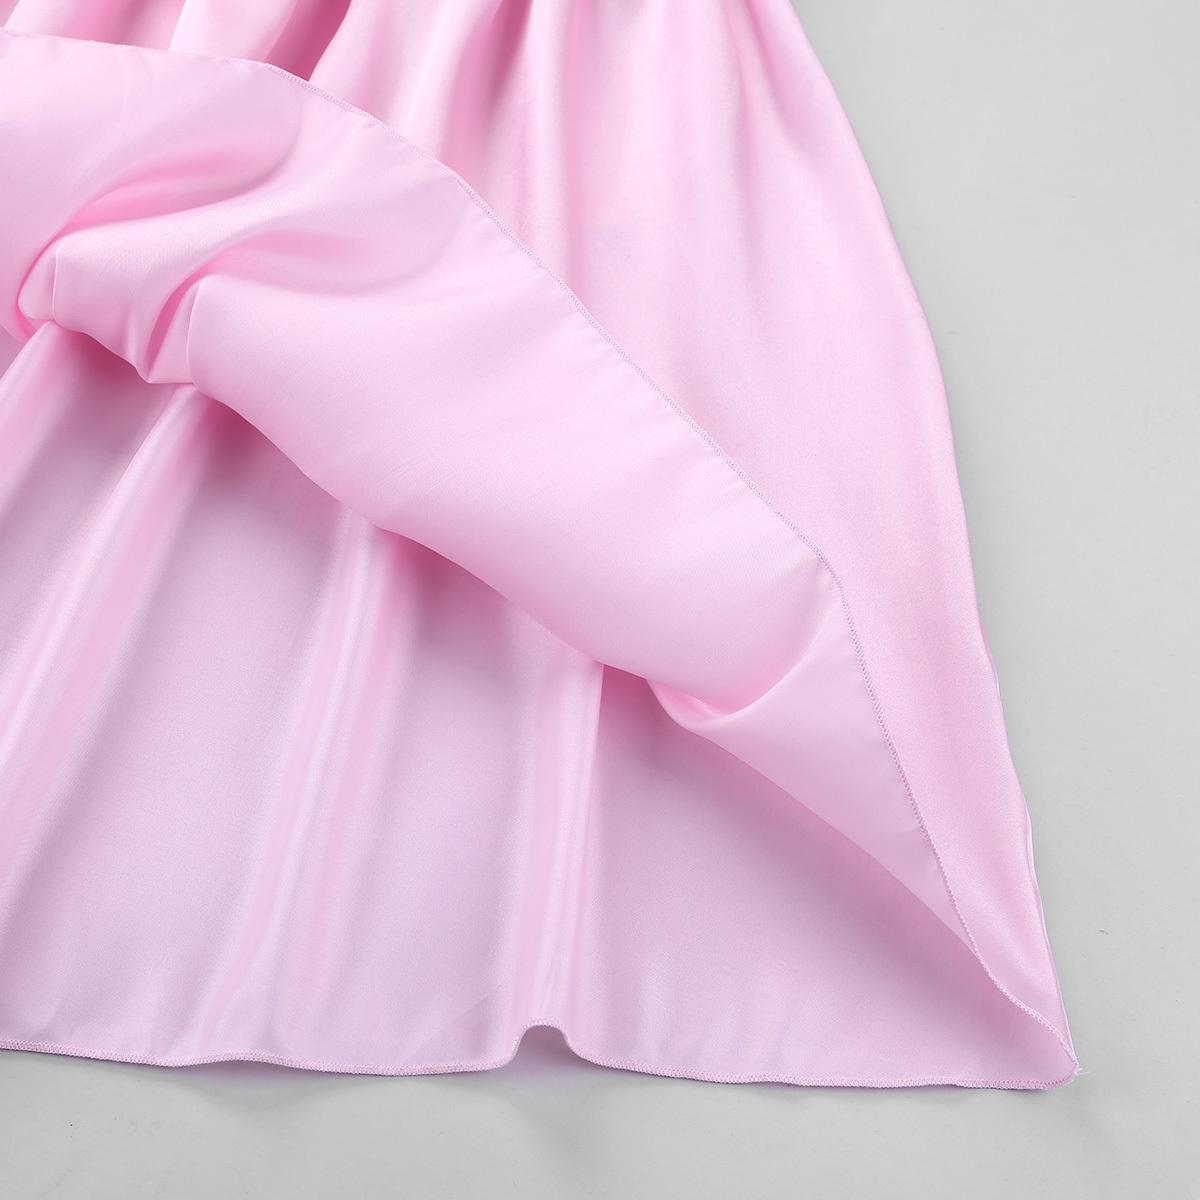 Mens breve babydolls scollo quadrato brillante raso morbido vestito dalla biancheria intima di incrocio la cravatta maschile Sissy biancheria da notte biancheria intima vestito Y19070202